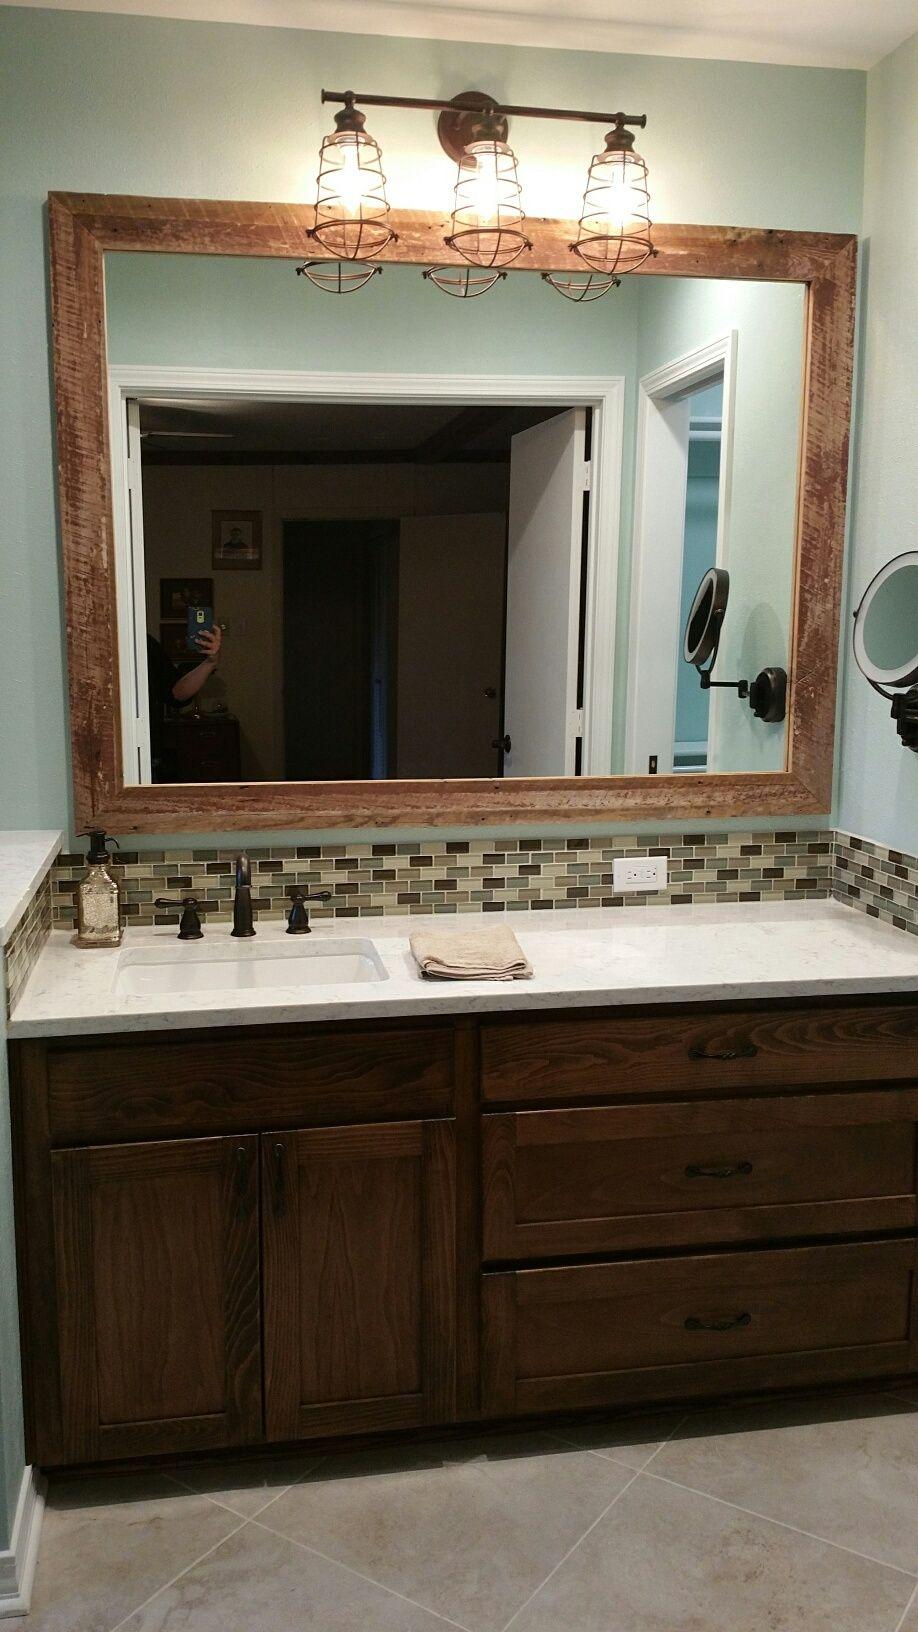 A Hint Of Rustic In A Traditional Bathroom Remodel. Minuet Quartz  Countertop, Gray Porcelain